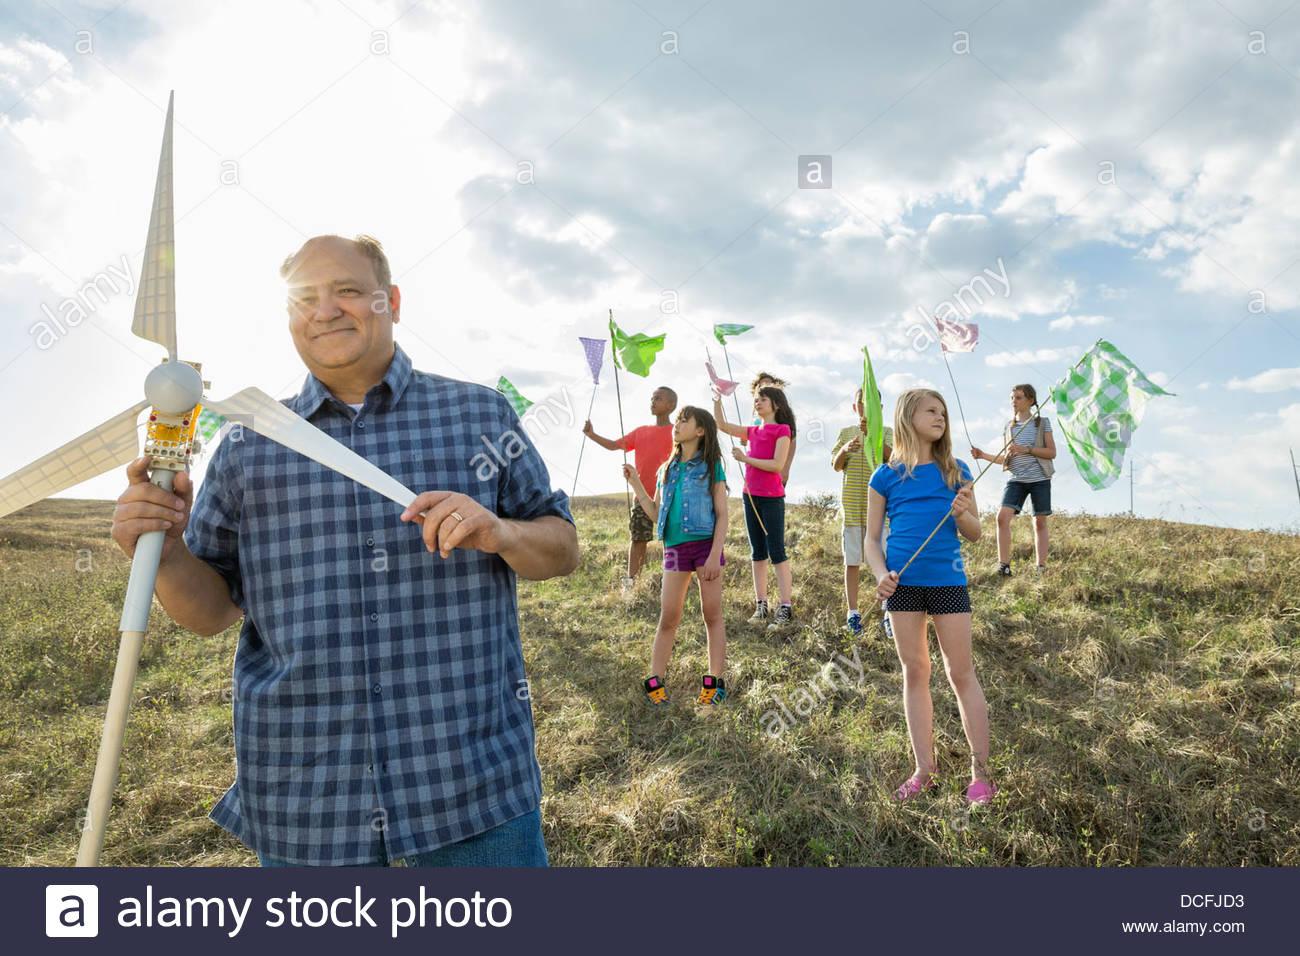 Insegnante che mostra ai bambini come una turbina eolica modello funziona all'aperto Immagini Stock